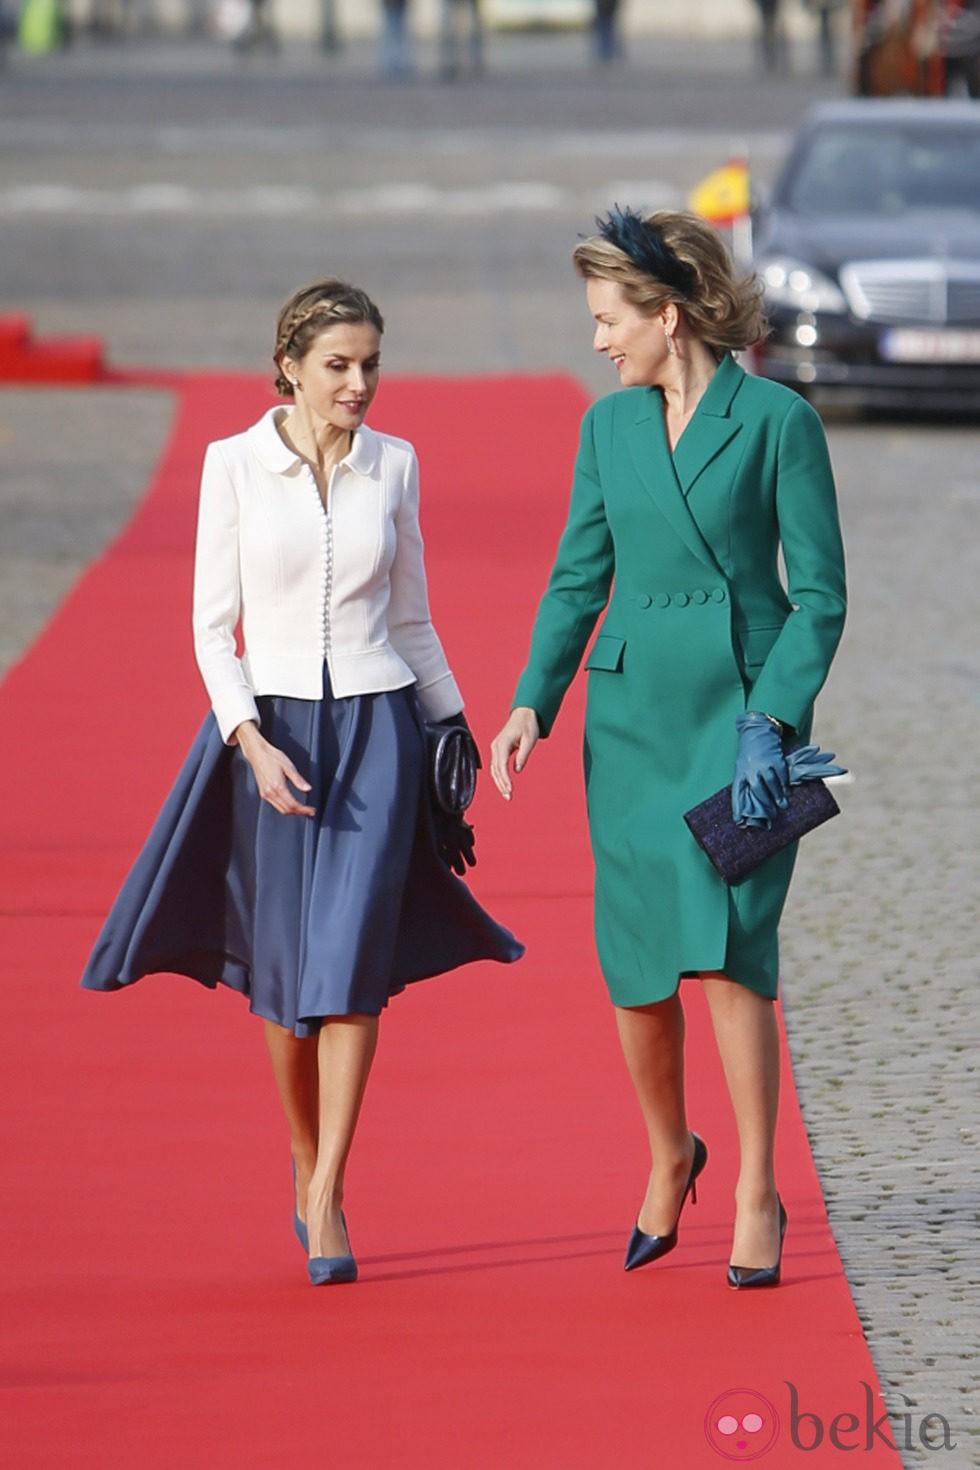 La Reina Letizia y la Reina Matilde charlando en la primera visita oficial de Felipe y Letizia como Reyes a Bélgica